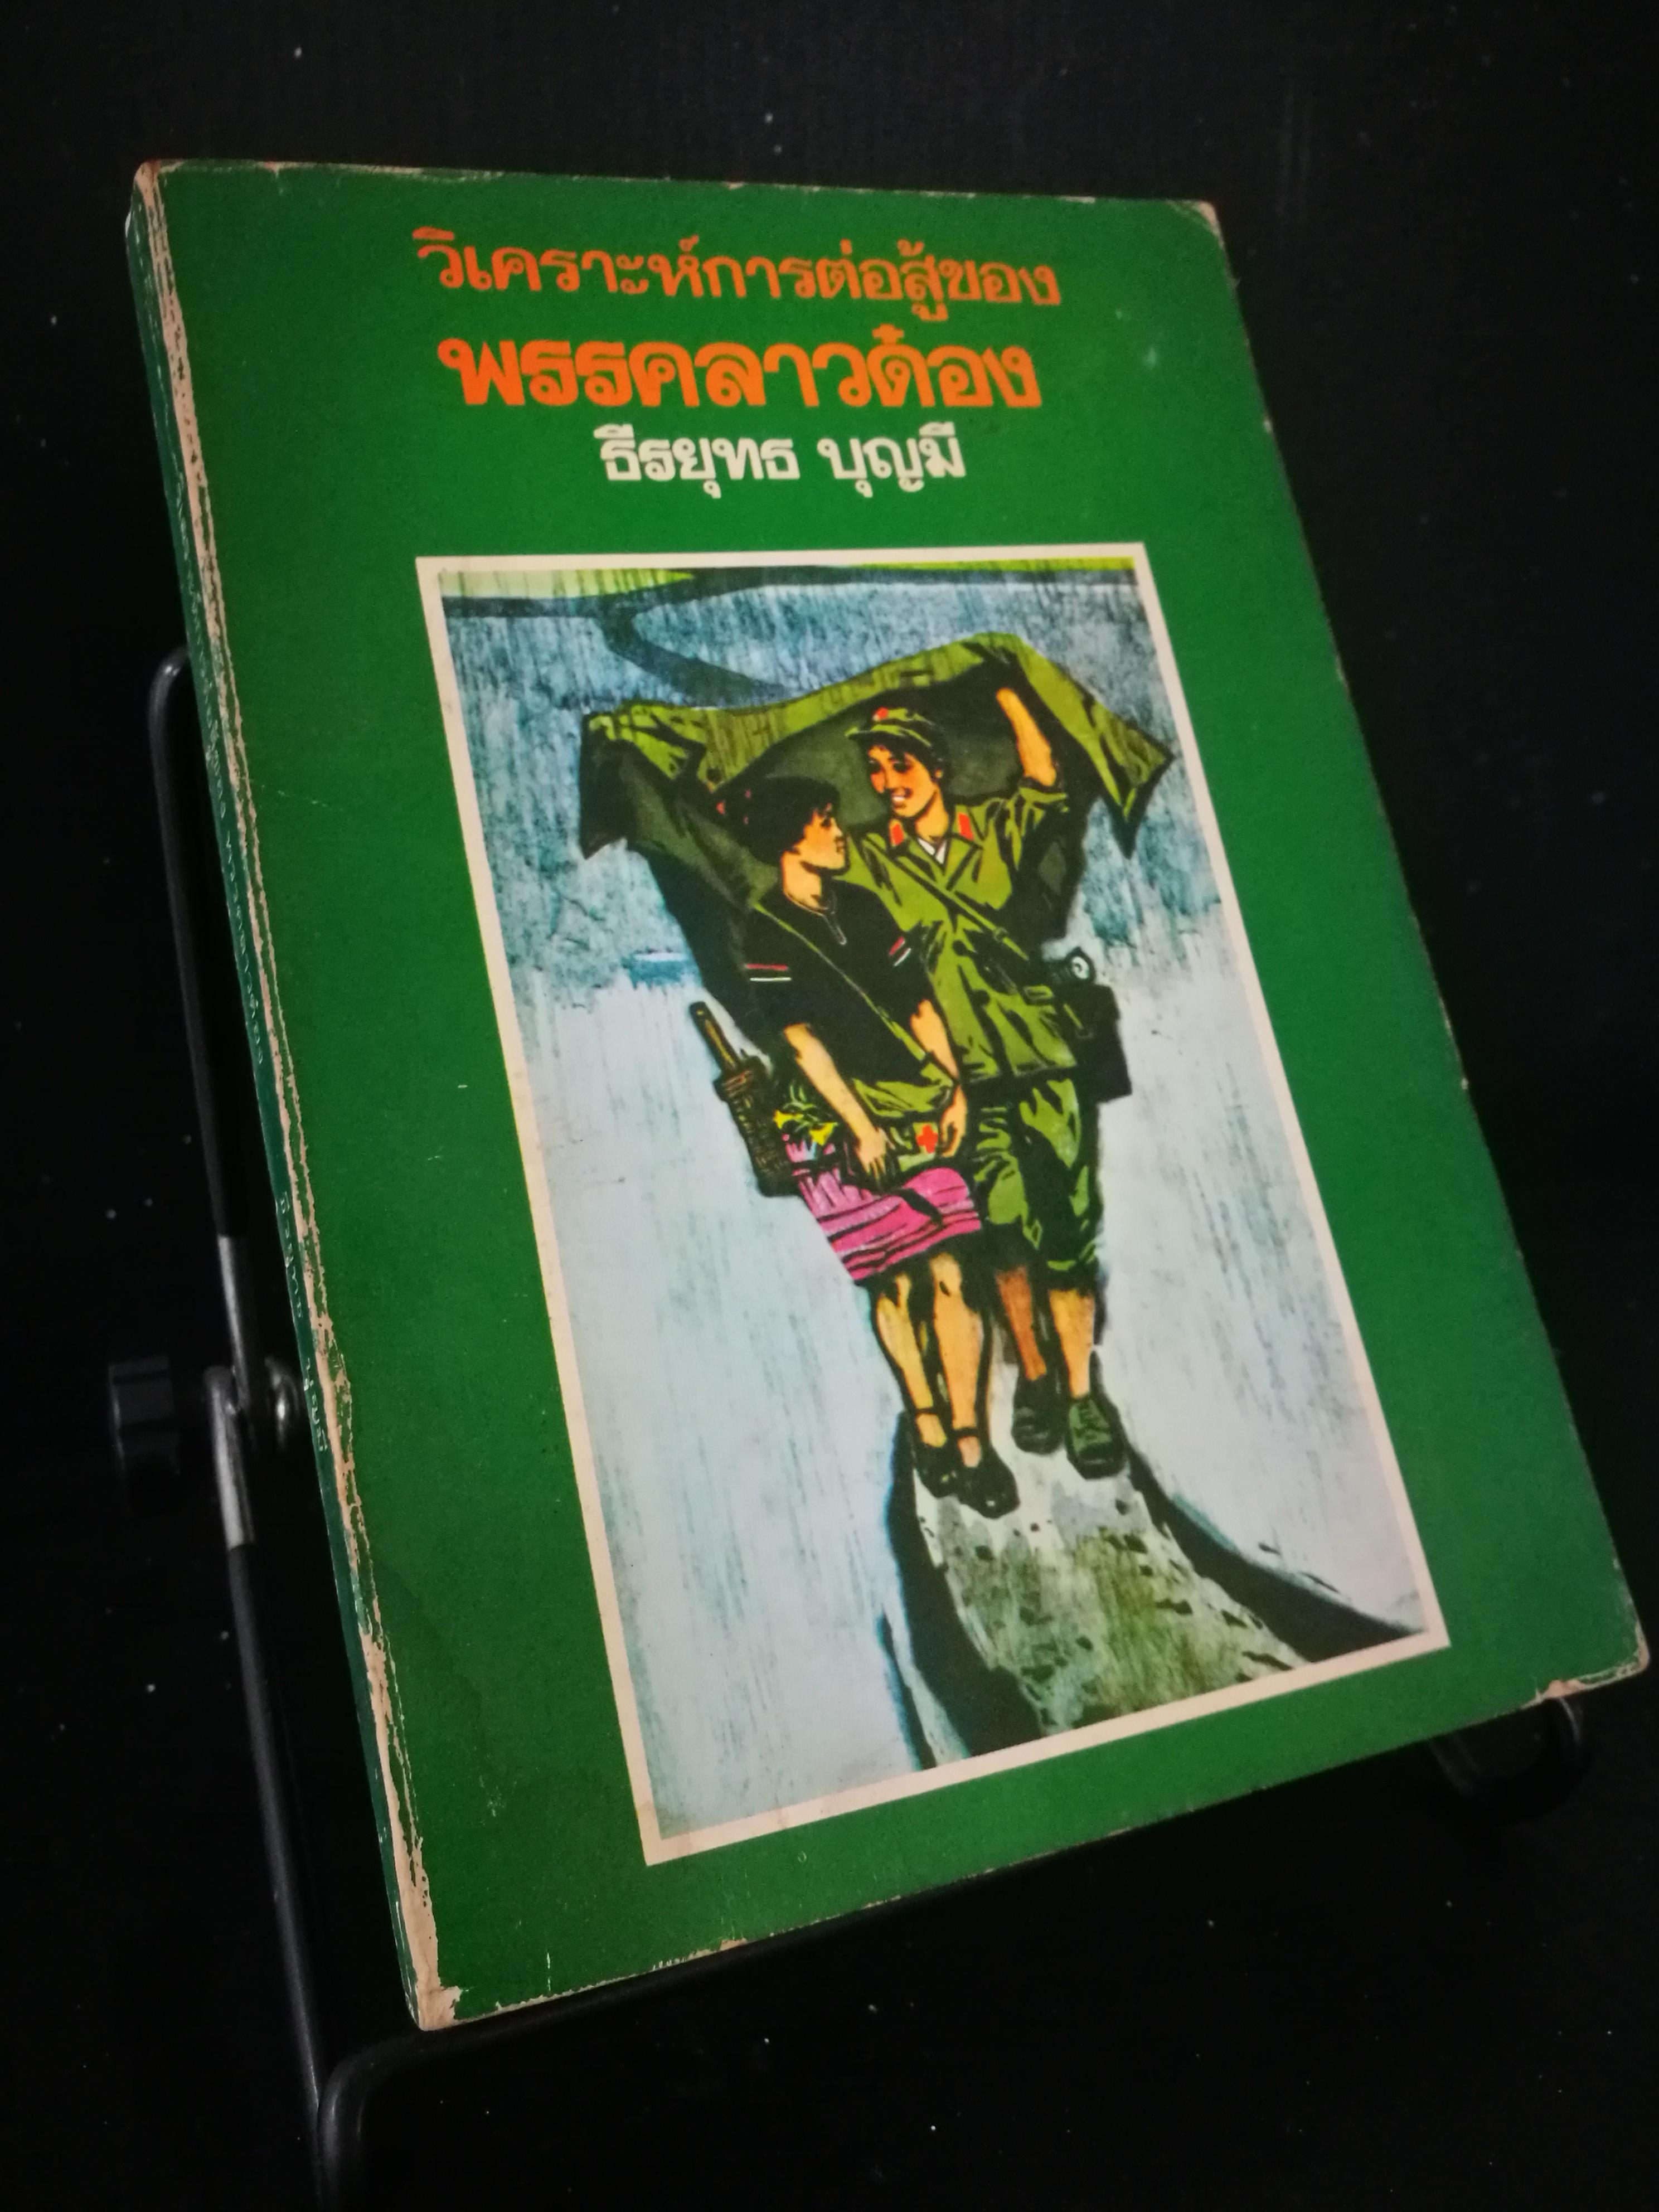 วิเคราะห์การต่อสู้ของพรรคลาวด๋อง - หนังสือต้องห้าม